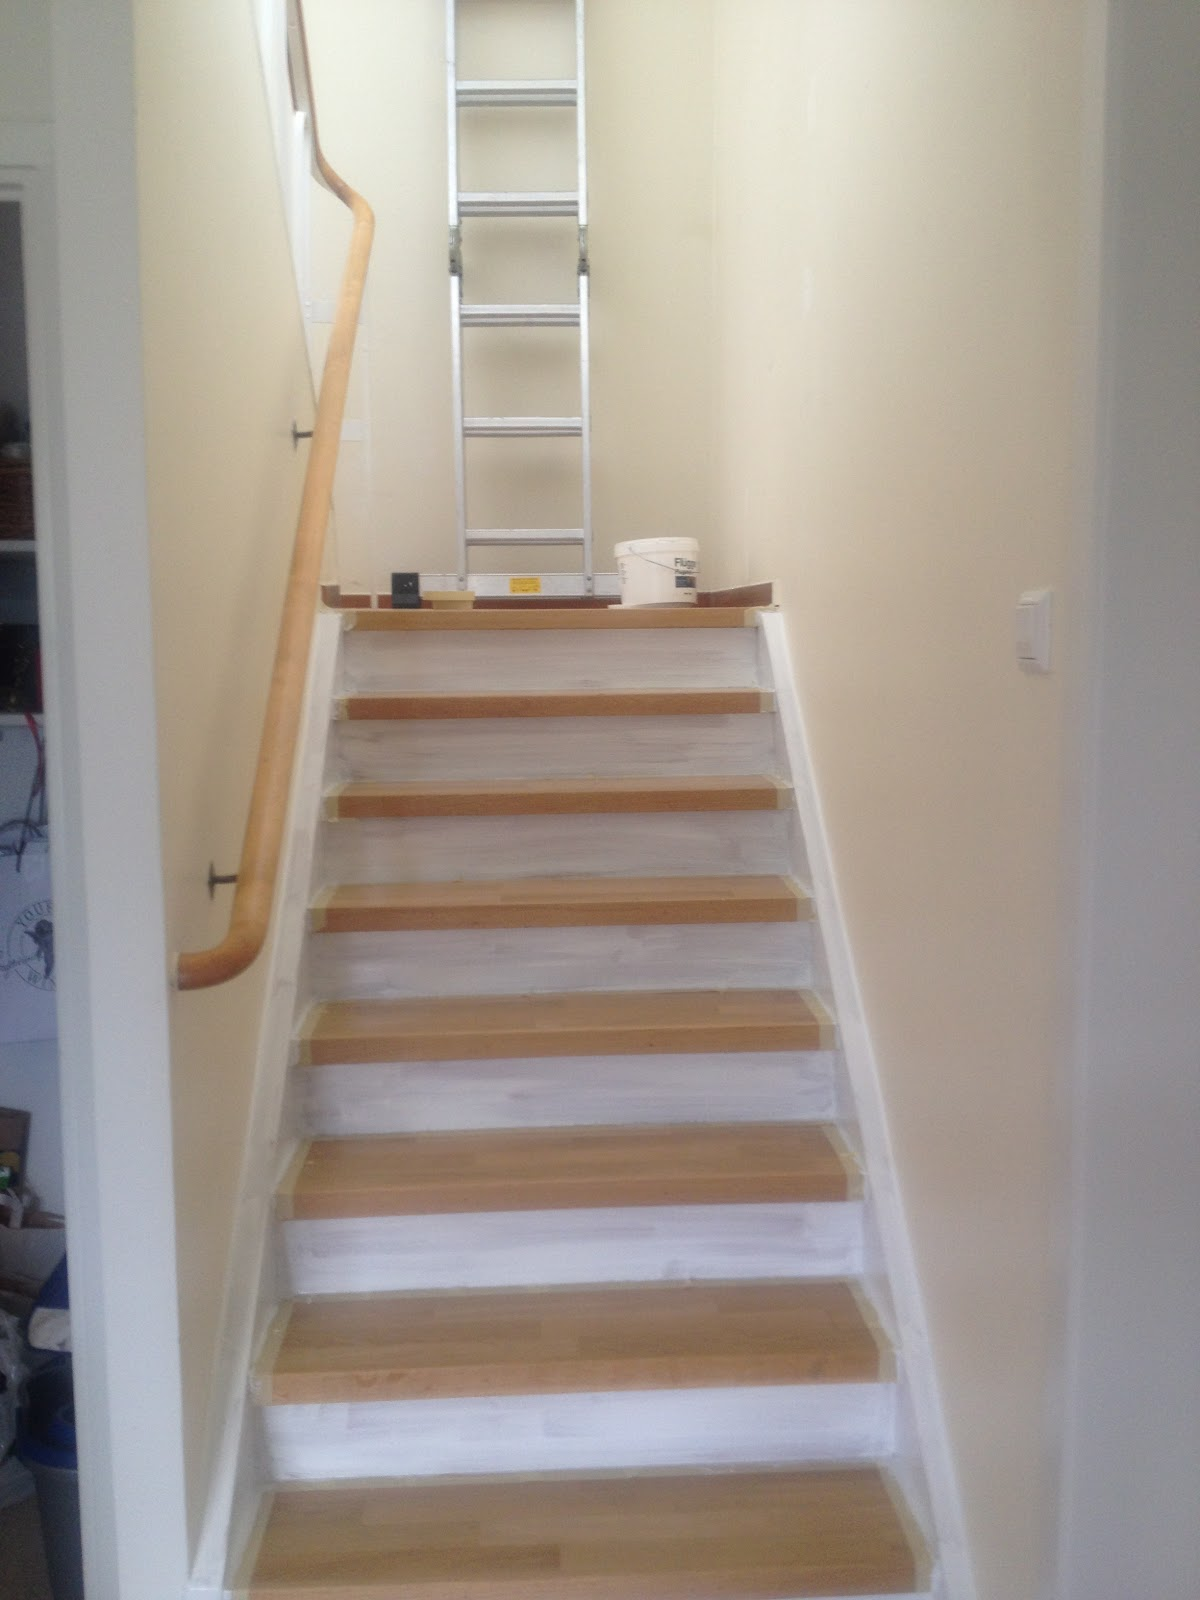 Hus inspiration inredning: renovera trappan   visst går det att ...